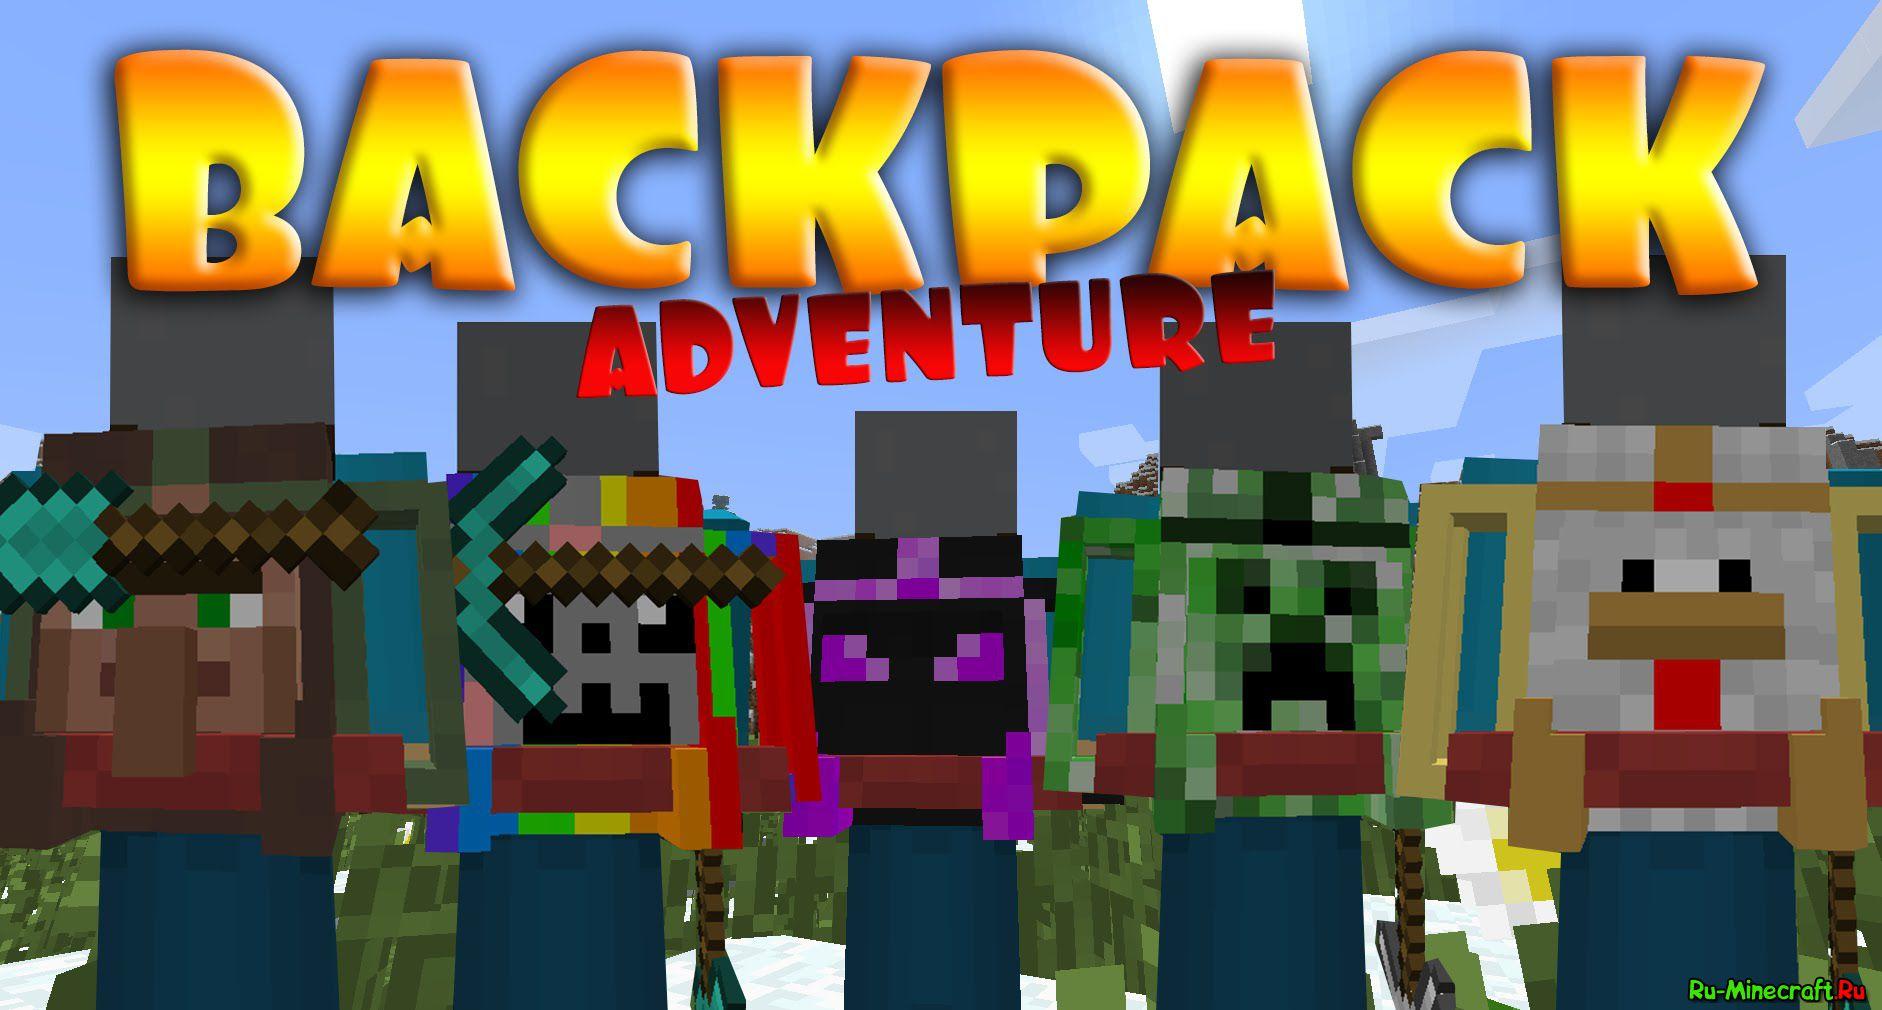 Adventure Backpack - мод на рюкзаки на Майнкрафт 1.7.10